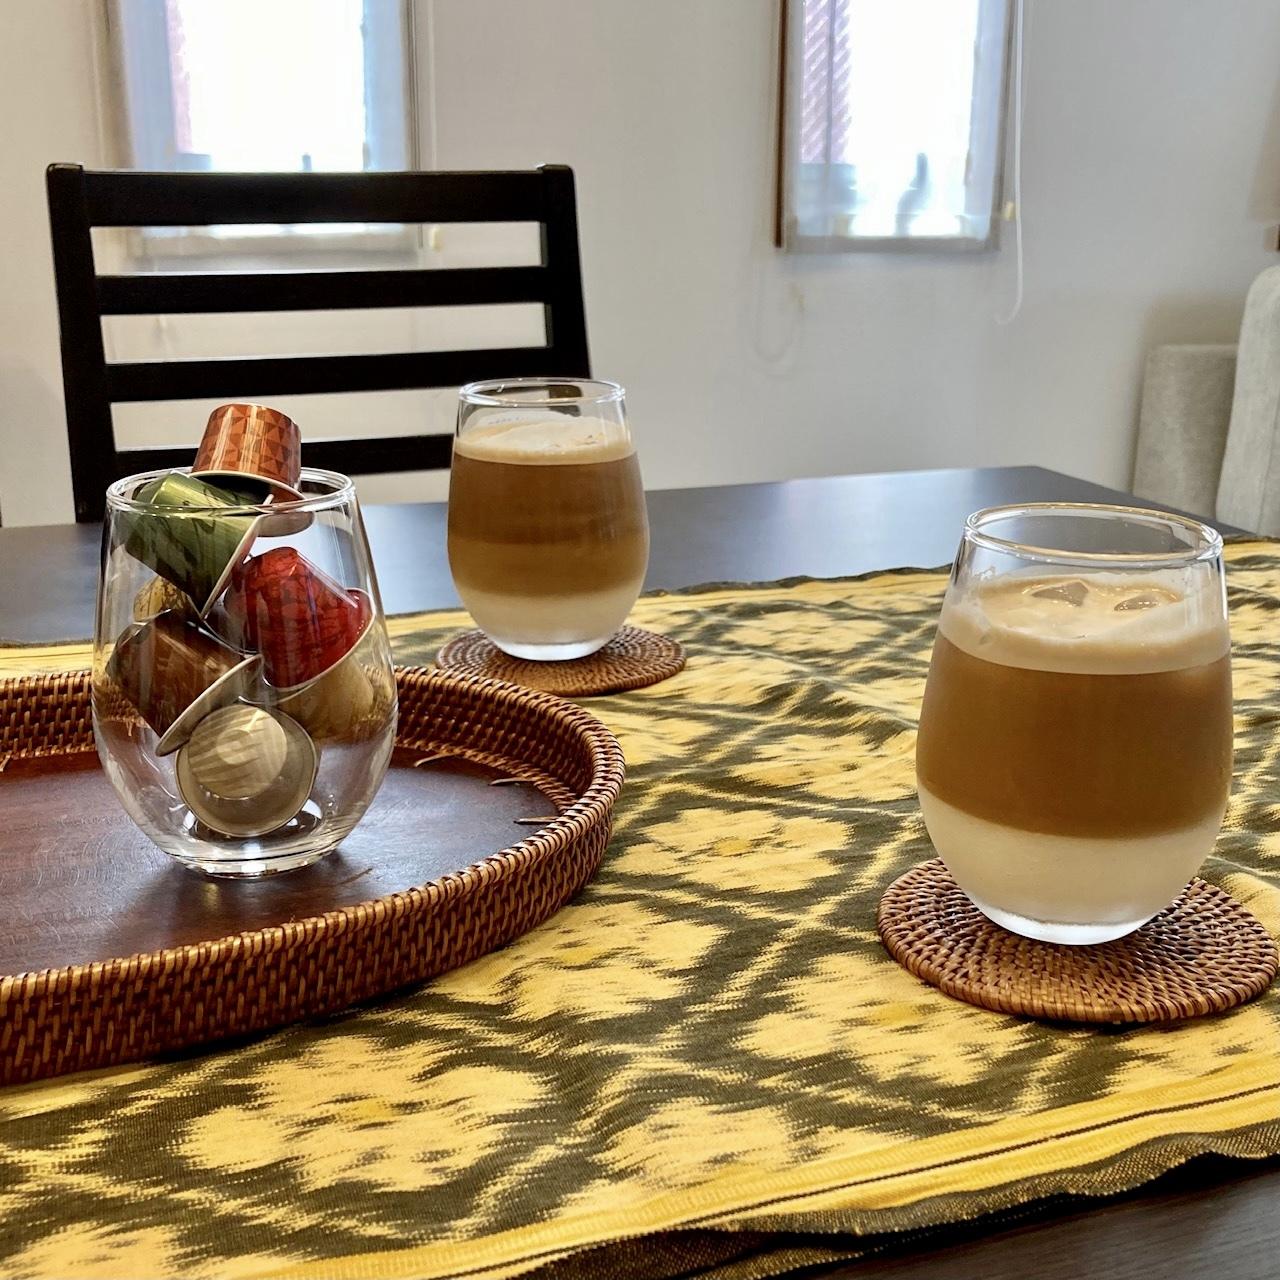 ダイニングテーブルに黄色のテーブルランナーとアイスコーヒー